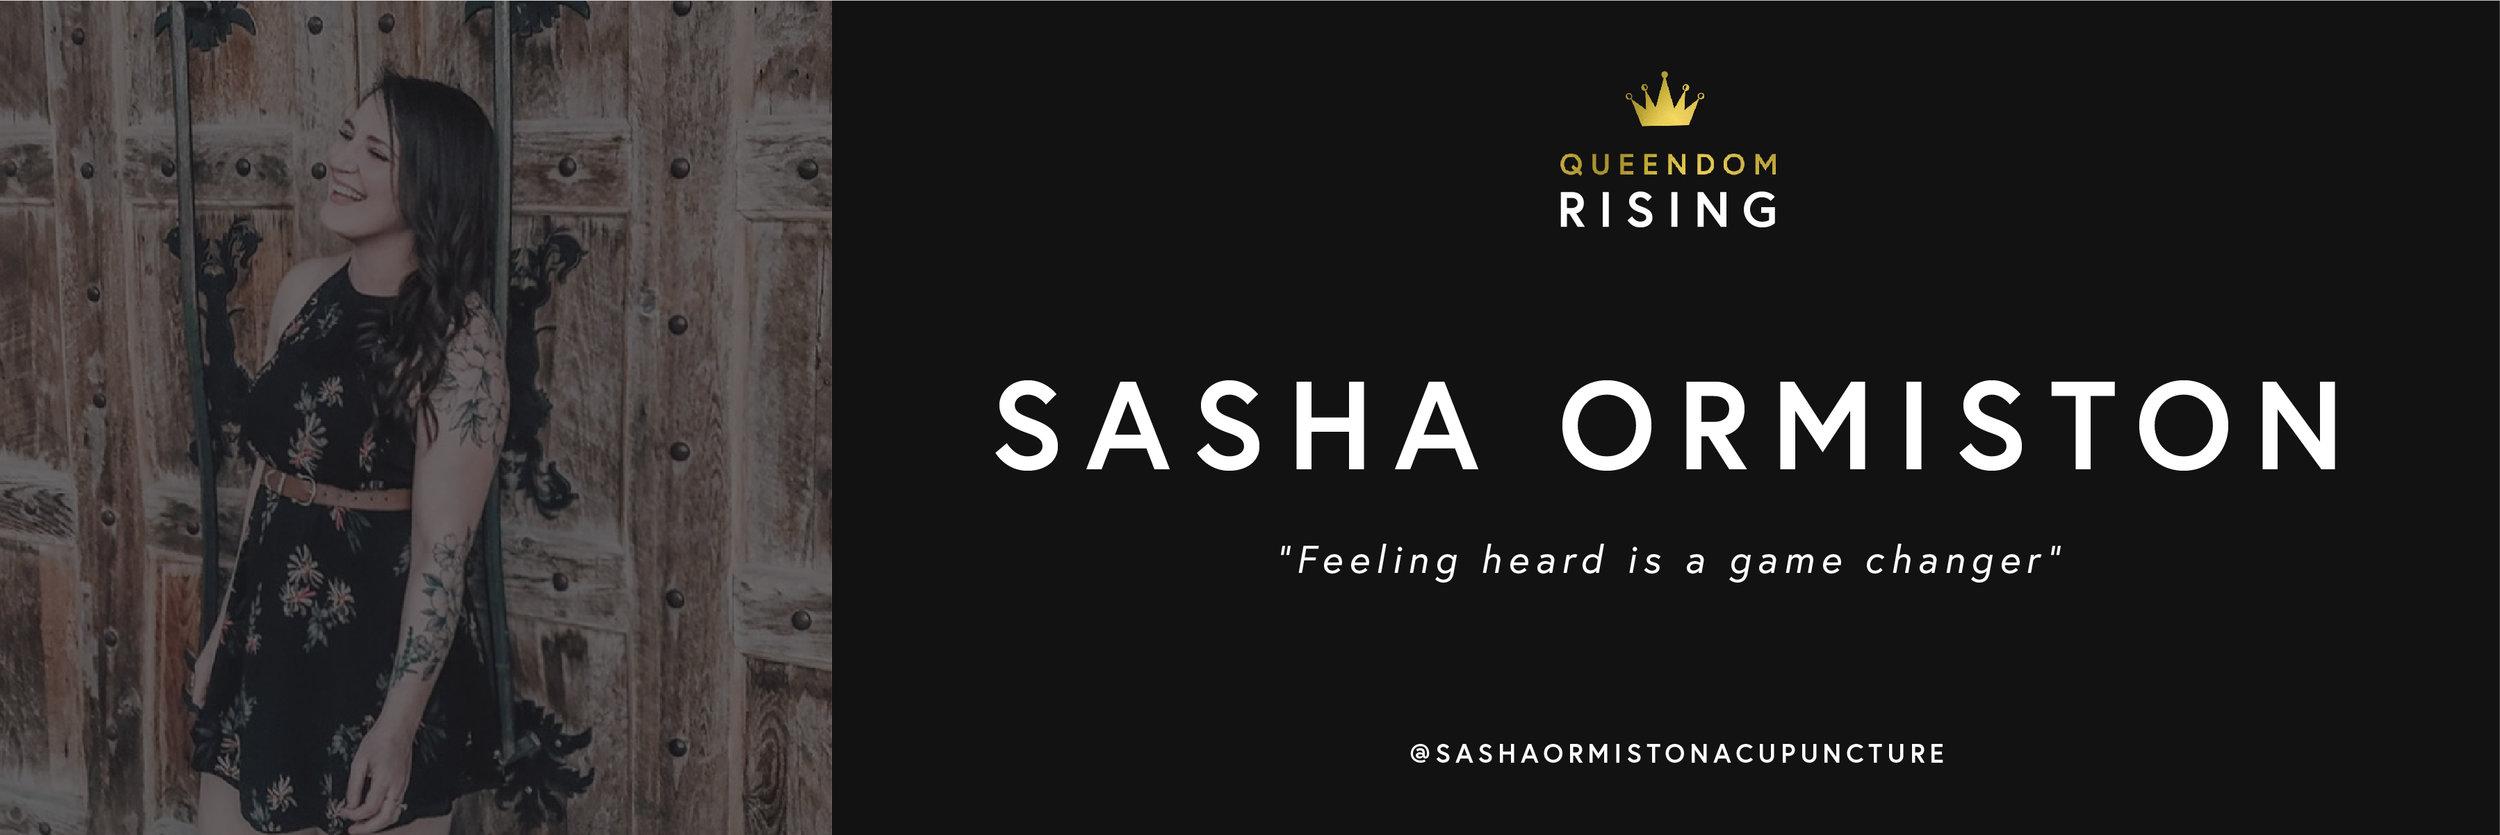 Queendom-Rising_episode-06_sasha-ormiston-banner.jpg